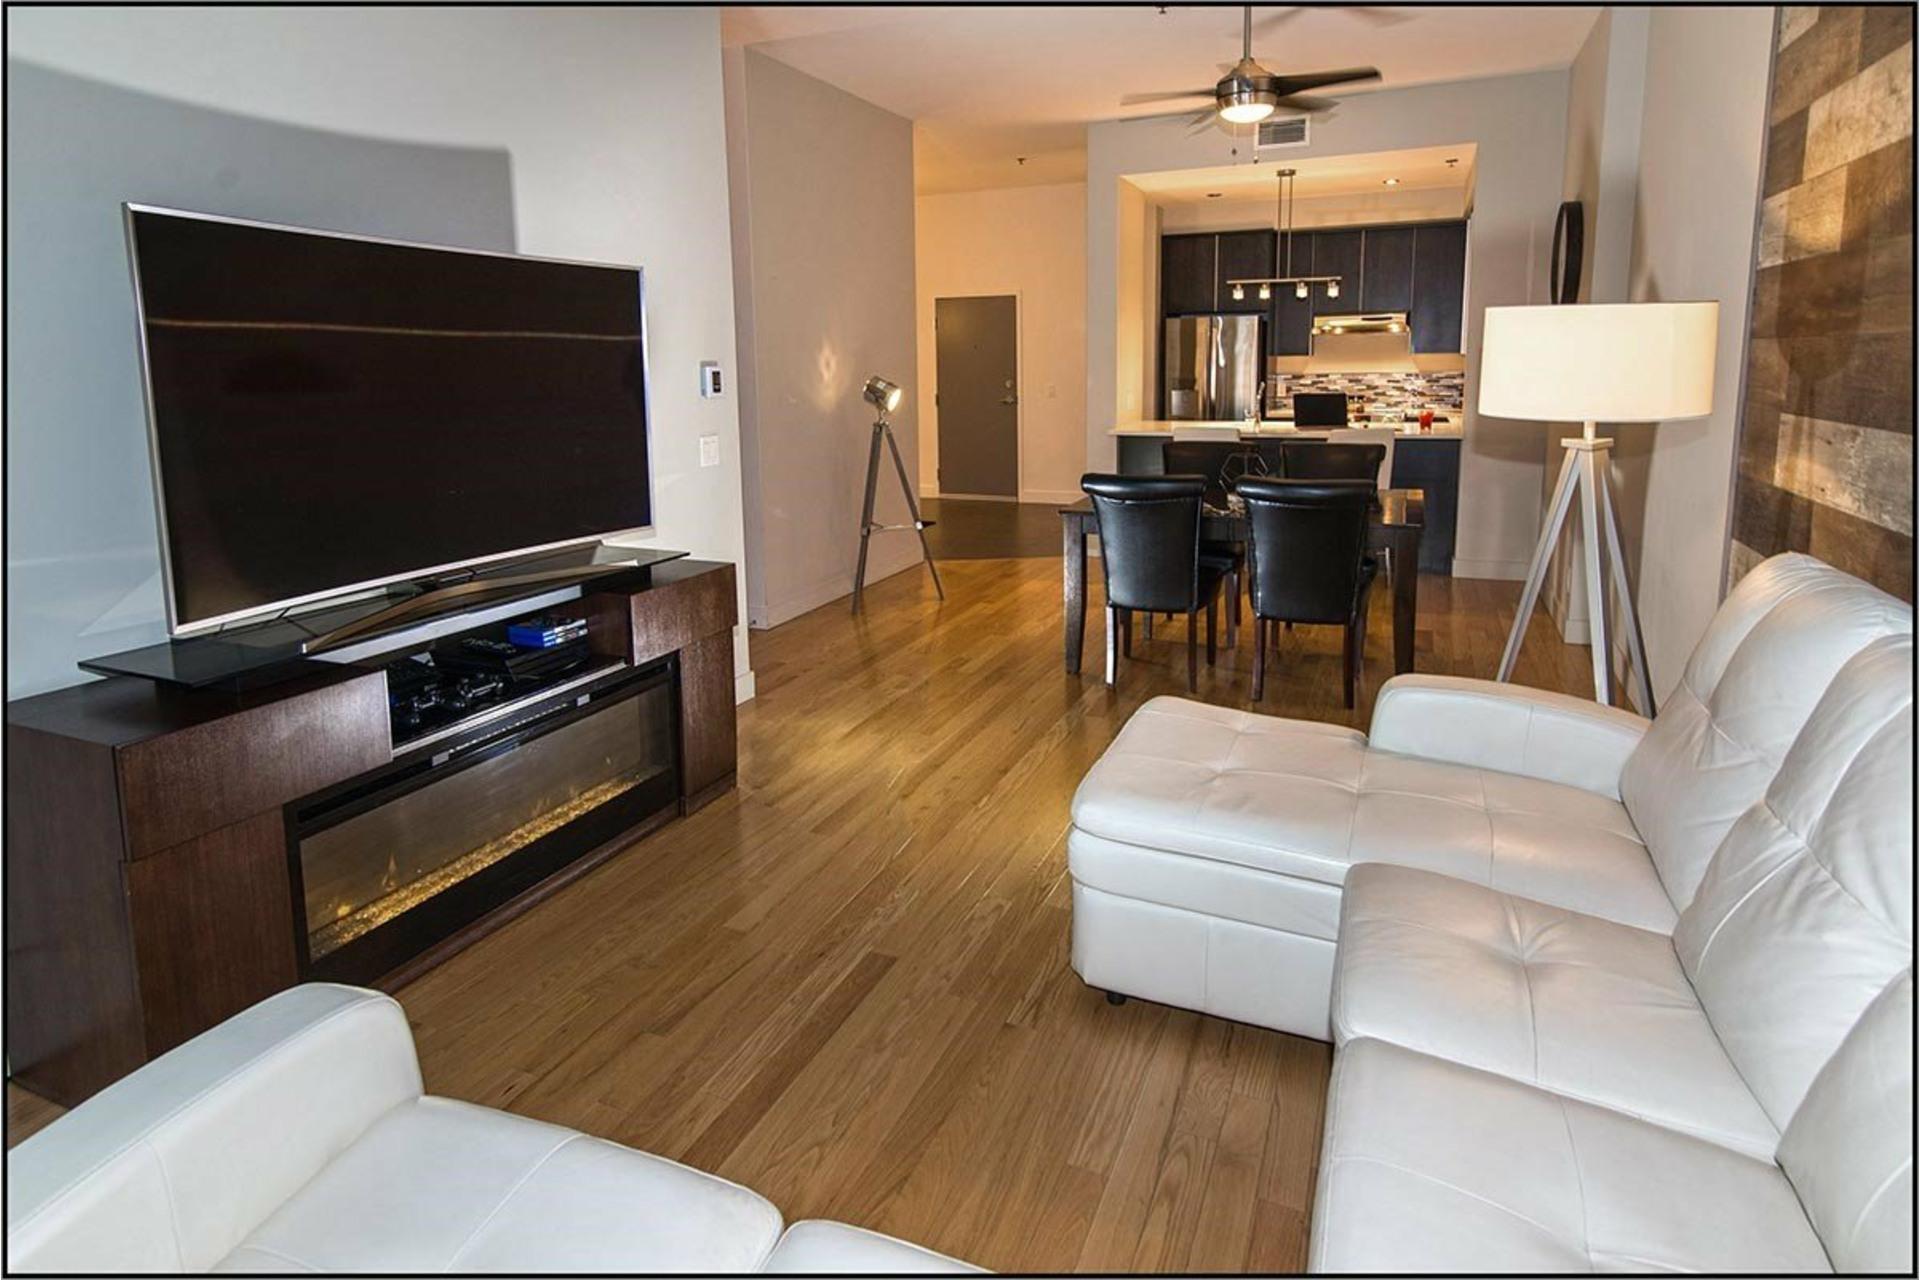 image 2 - Apartment For sale Saint-Augustin-de-Desmaures - 10 rooms